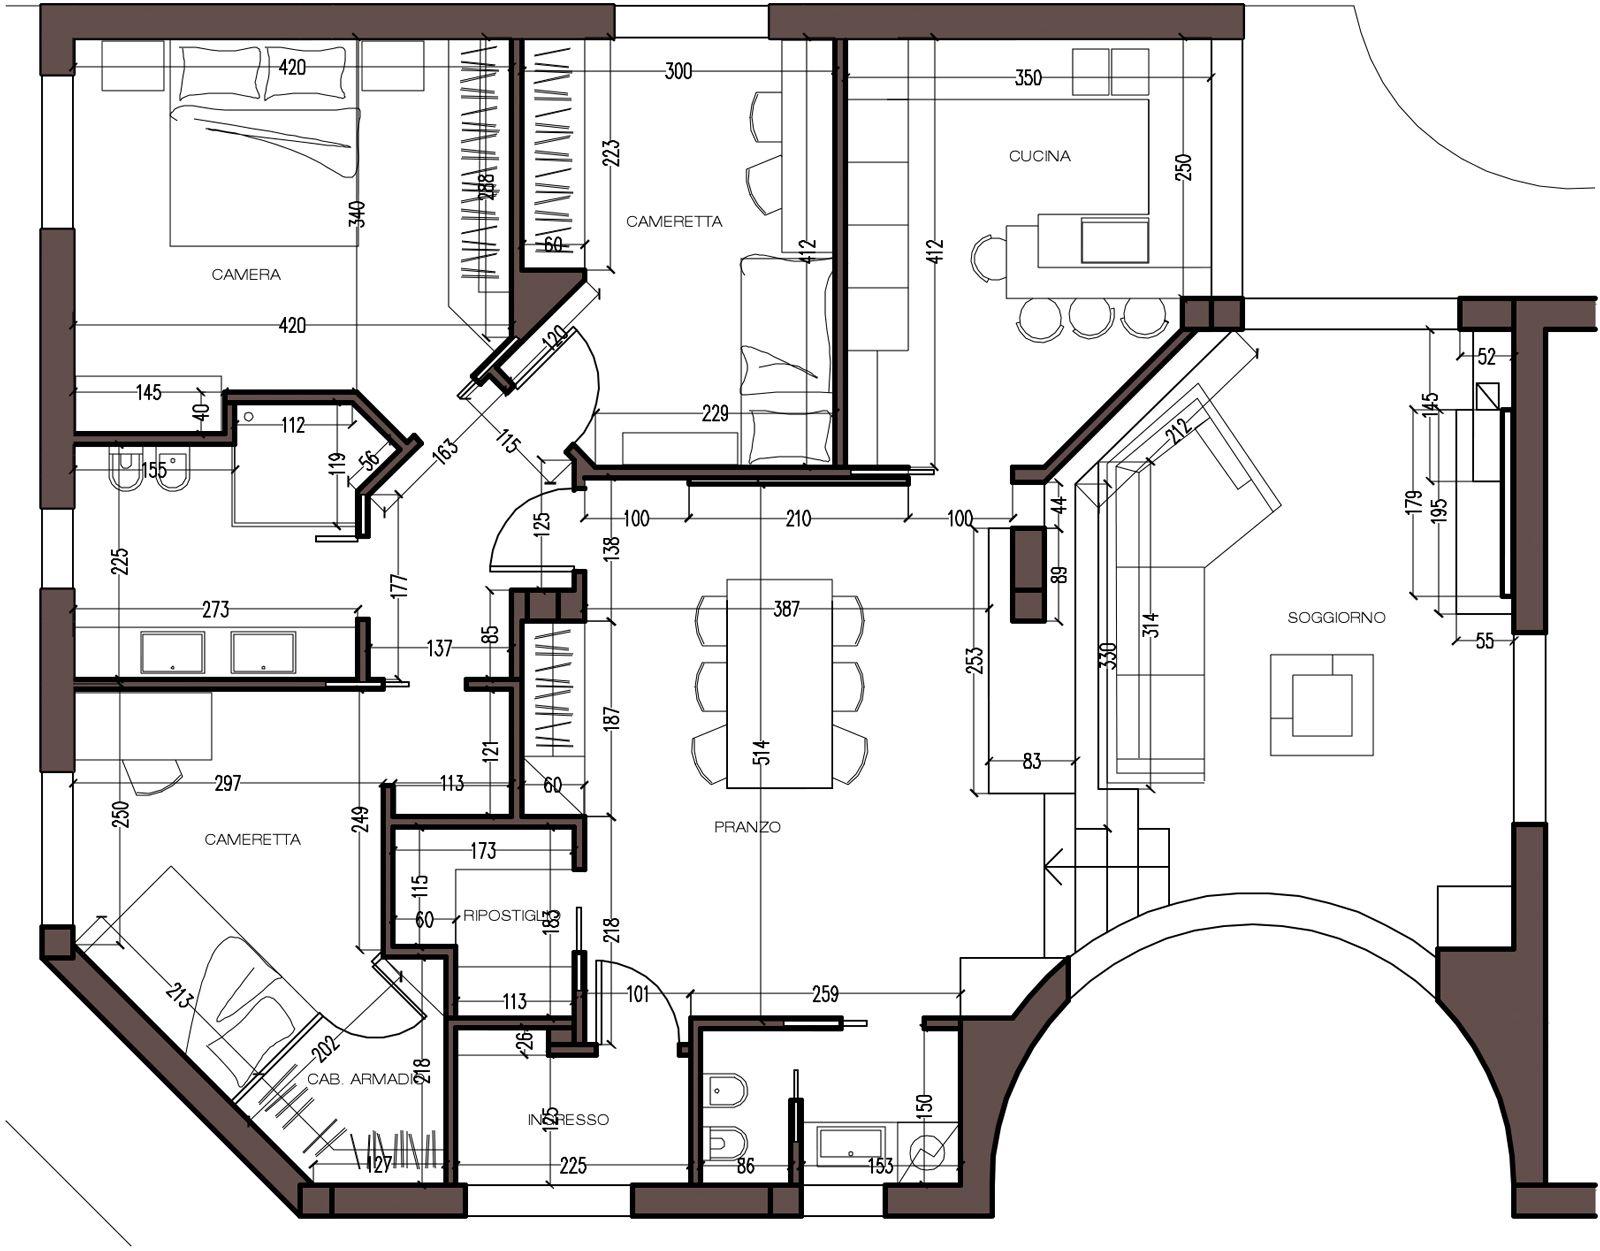 Una Mansarda Con Dislivello Progetto In 3d E Foto Della Casa Planimetrie Di Case Planimetrie Dell Appartamento Case